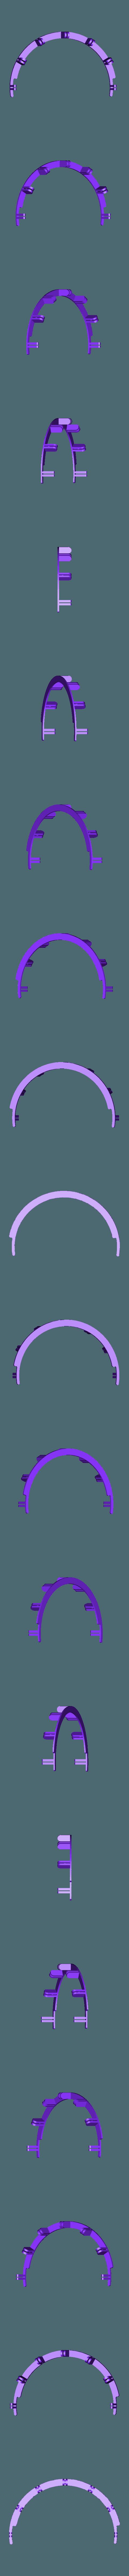 BoatRingV1.stl Télécharger fichier STL gratuit Bateau à pagaies • Objet à imprimer en 3D, Pwentey